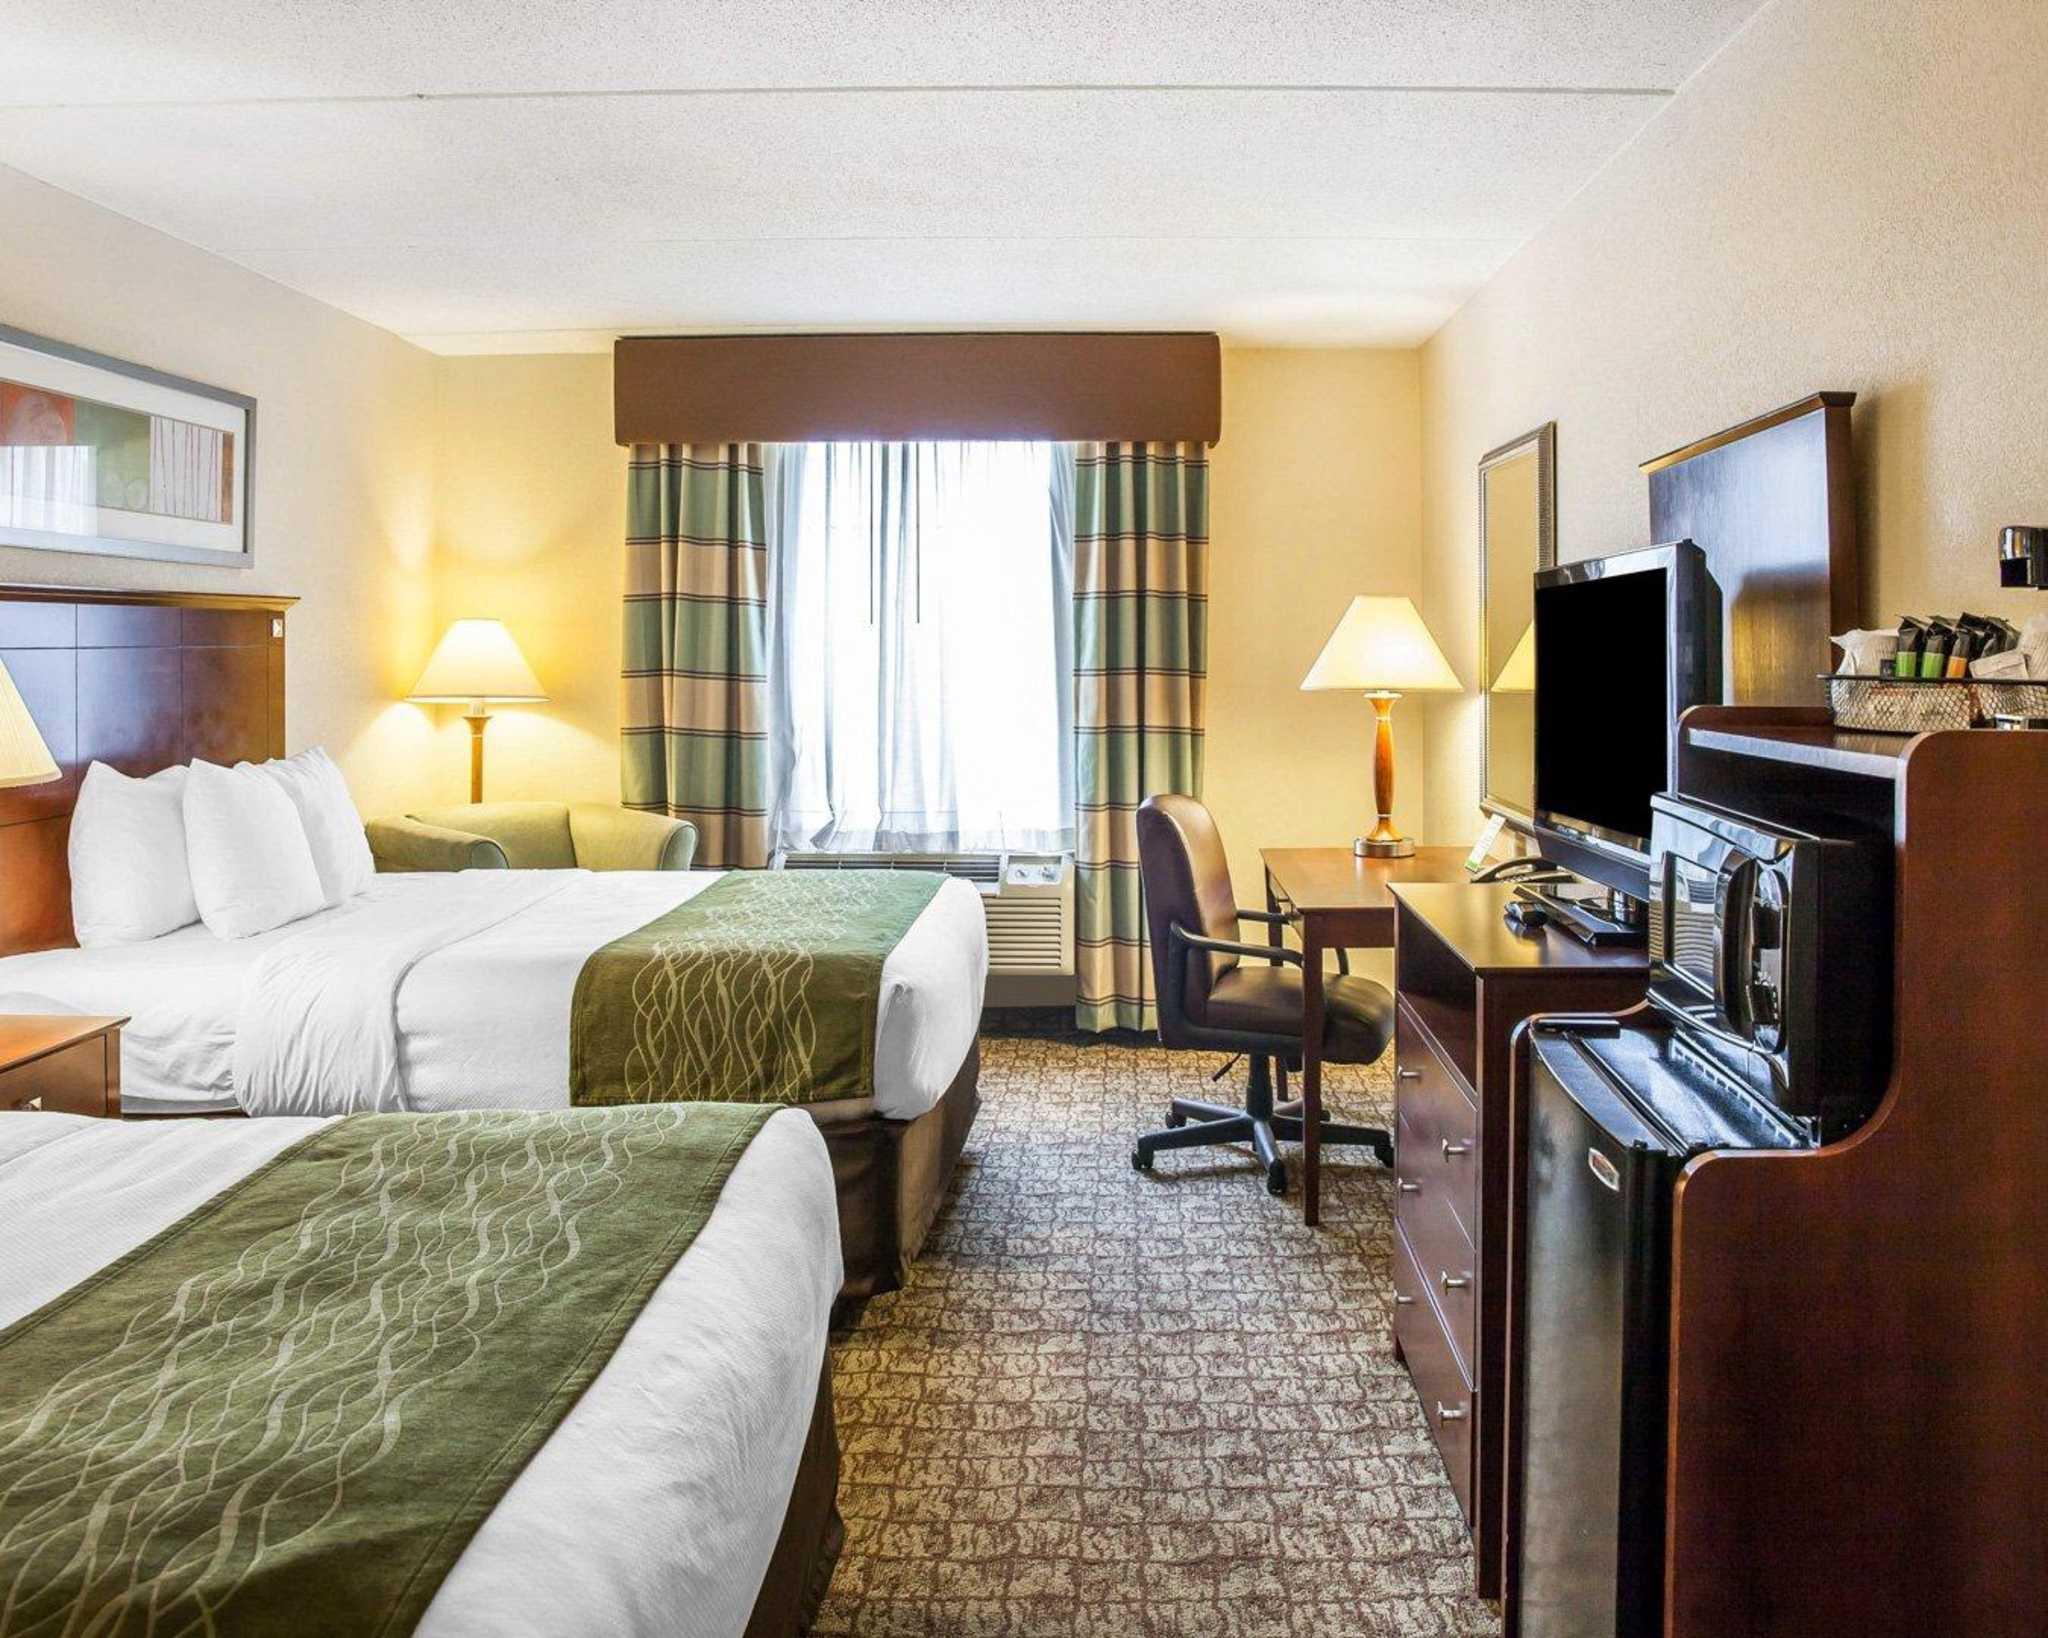 Comfort Inn & Suites Pottstown - Limerick image 17